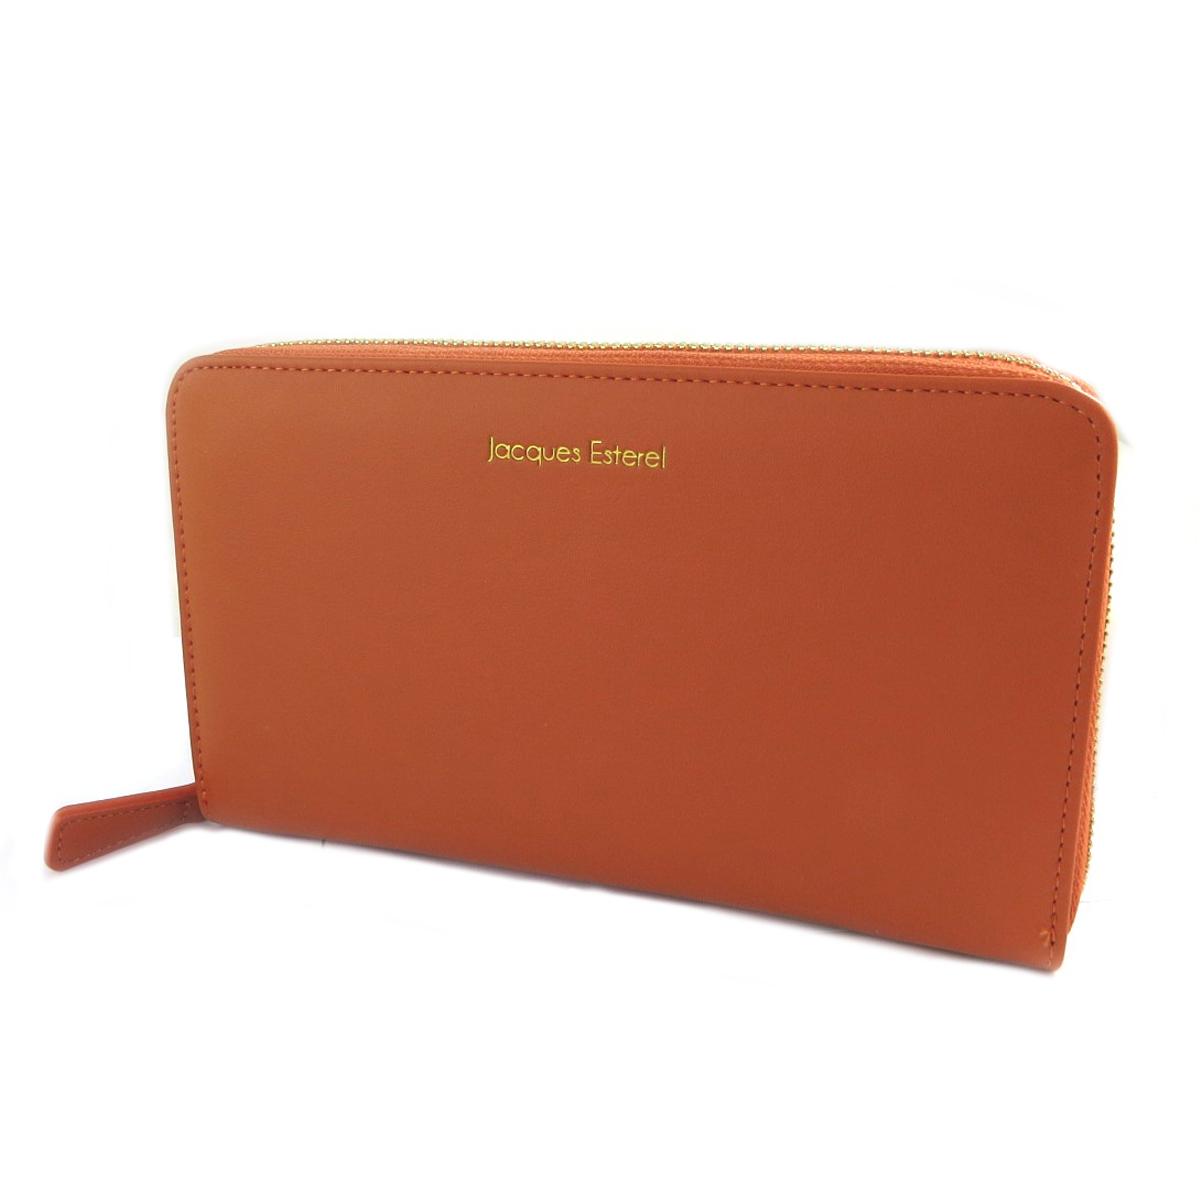 Compagnon zippé \'Jacques Esterel\' orange - 21x10x25 cm - [Q2157]